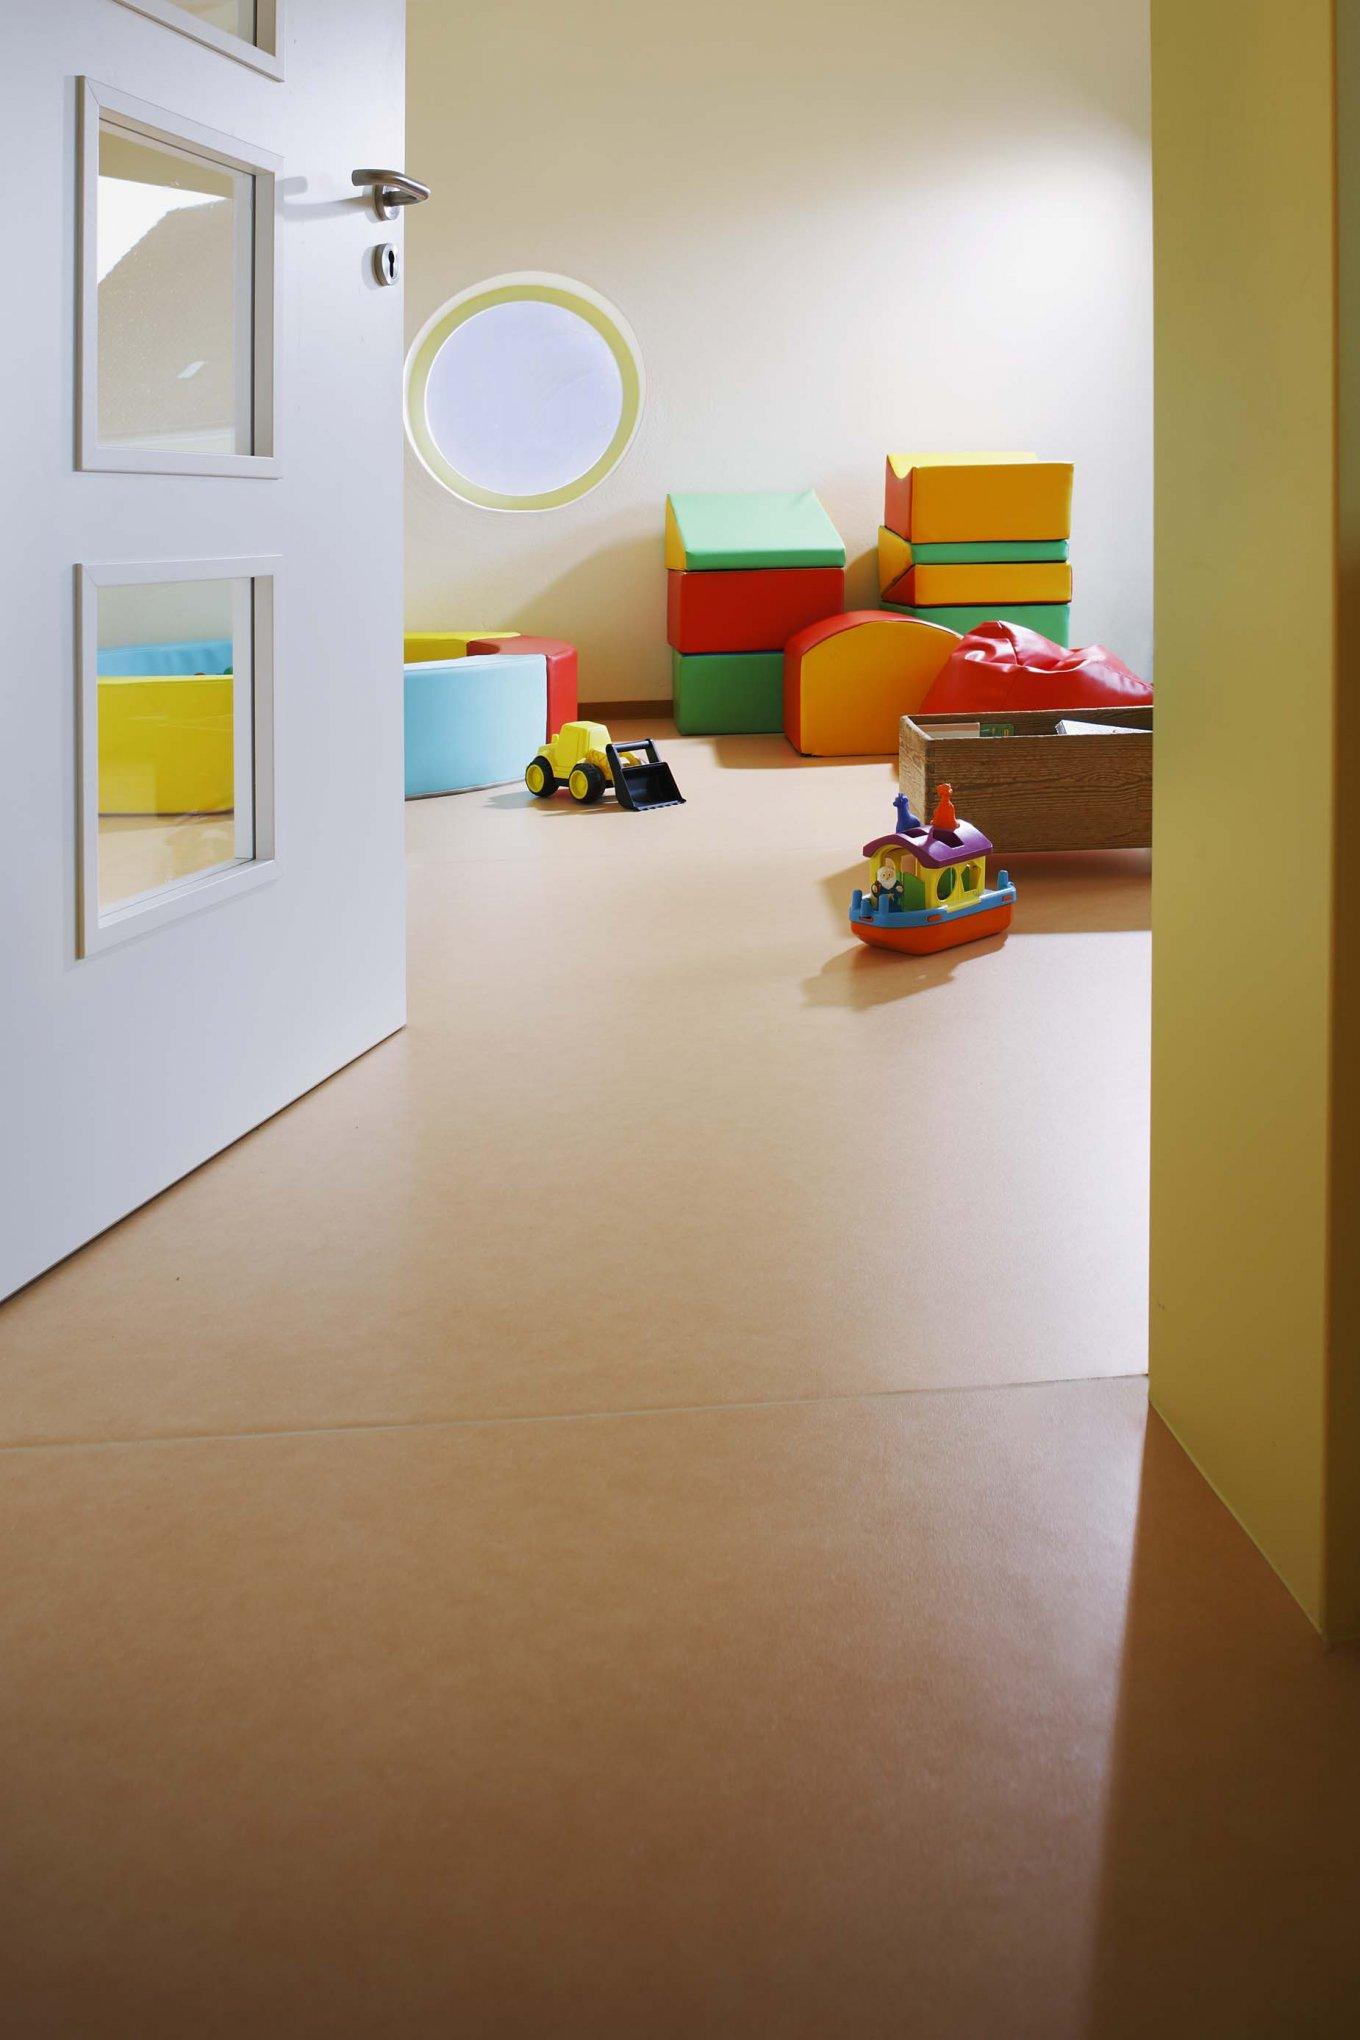 PURLINE Bioboden Sinai Sand im Kindergarten Kita Spielzimmer Spielzeug Rollenware Orange